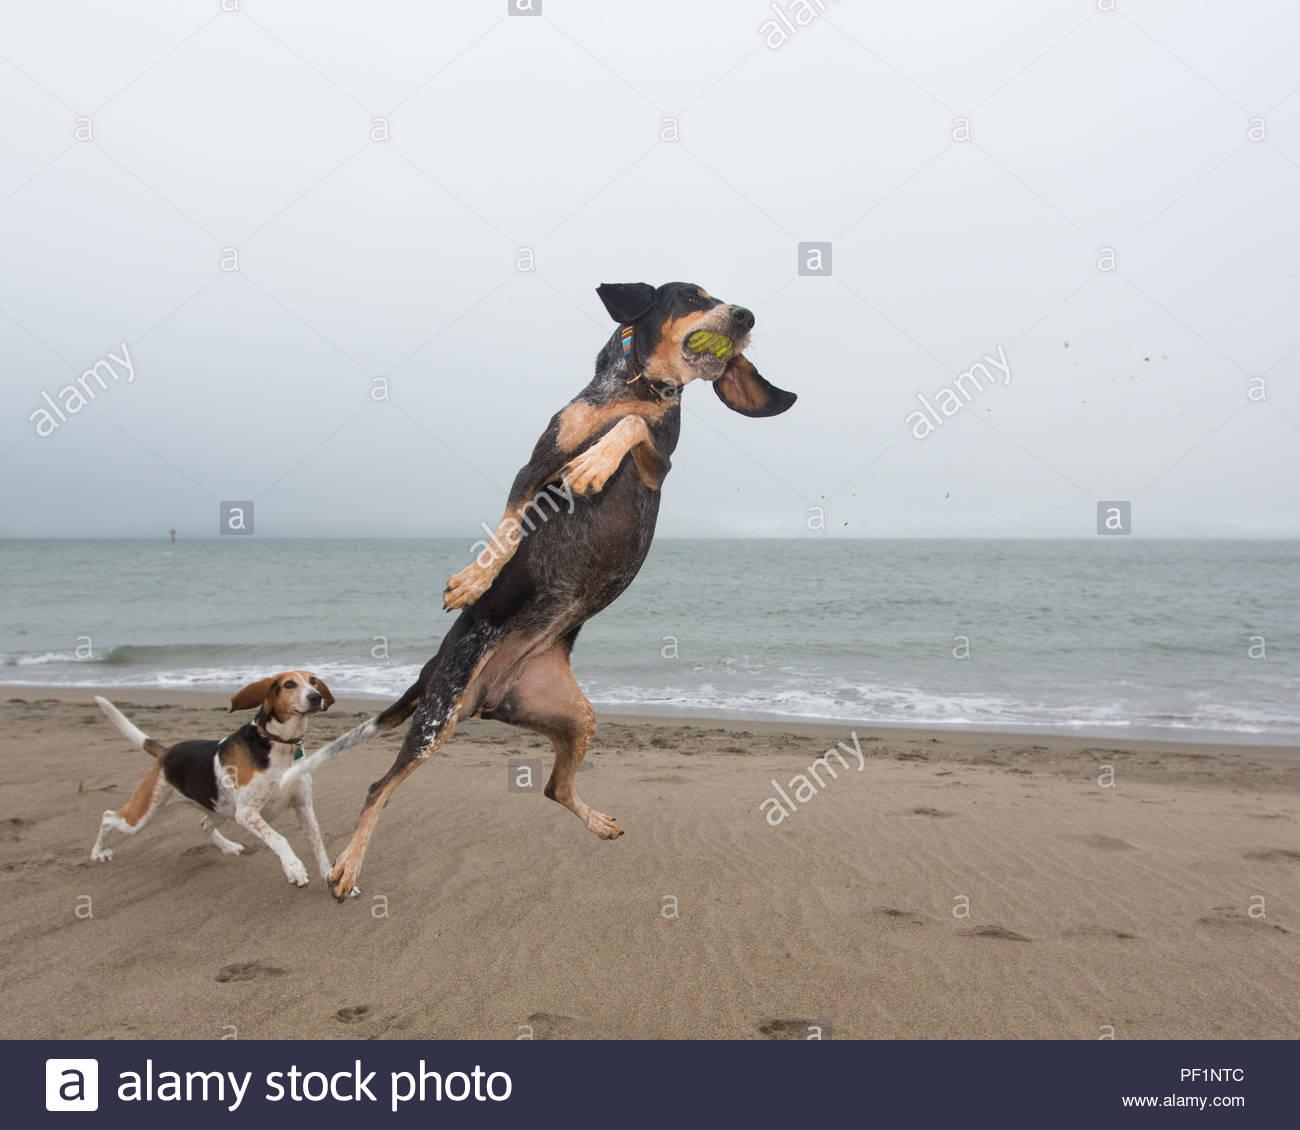 Bluetick hound einen Ball in der Luft zu fangen, während ein anderer Hund Uhren im Hintergrund Stockbild